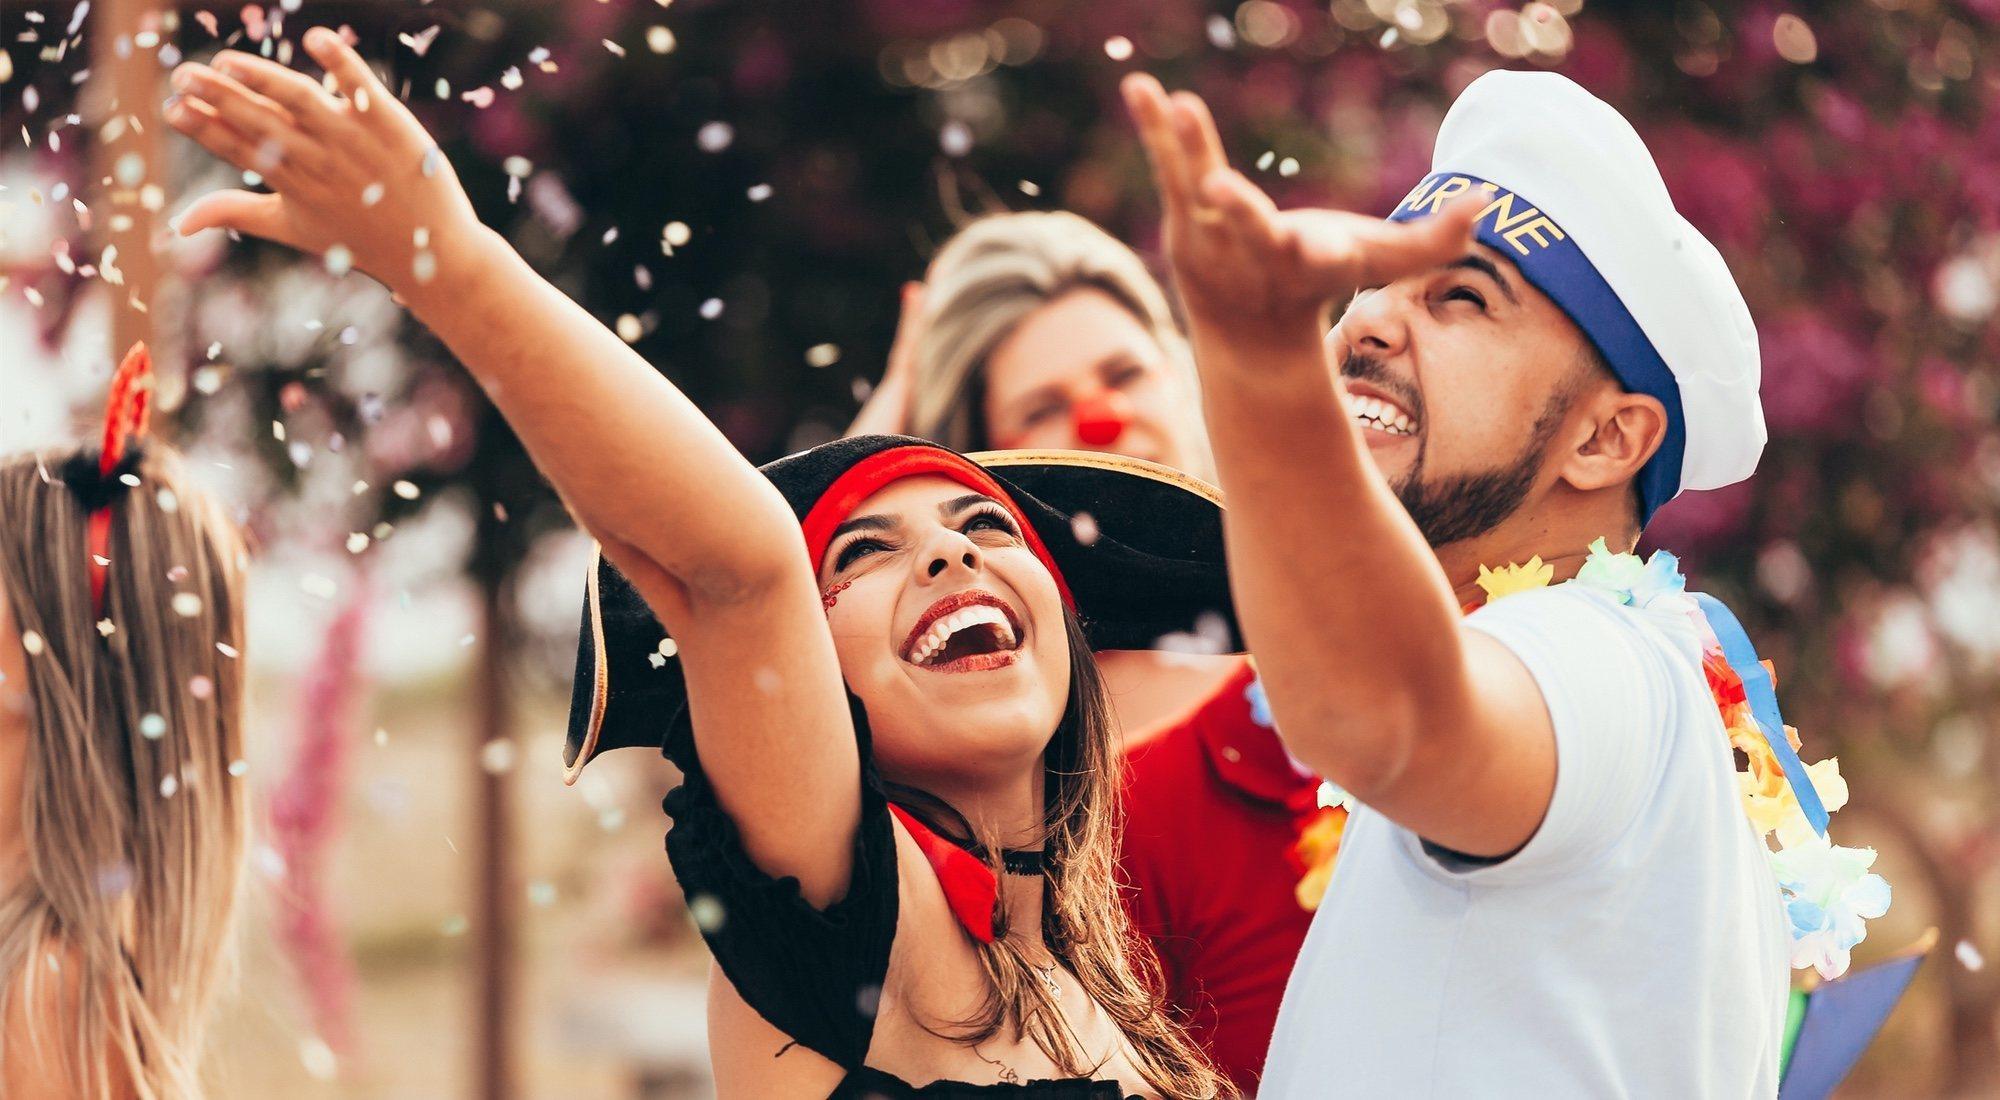 Los mejores disfraces de carnaval: baratos, en pareja...